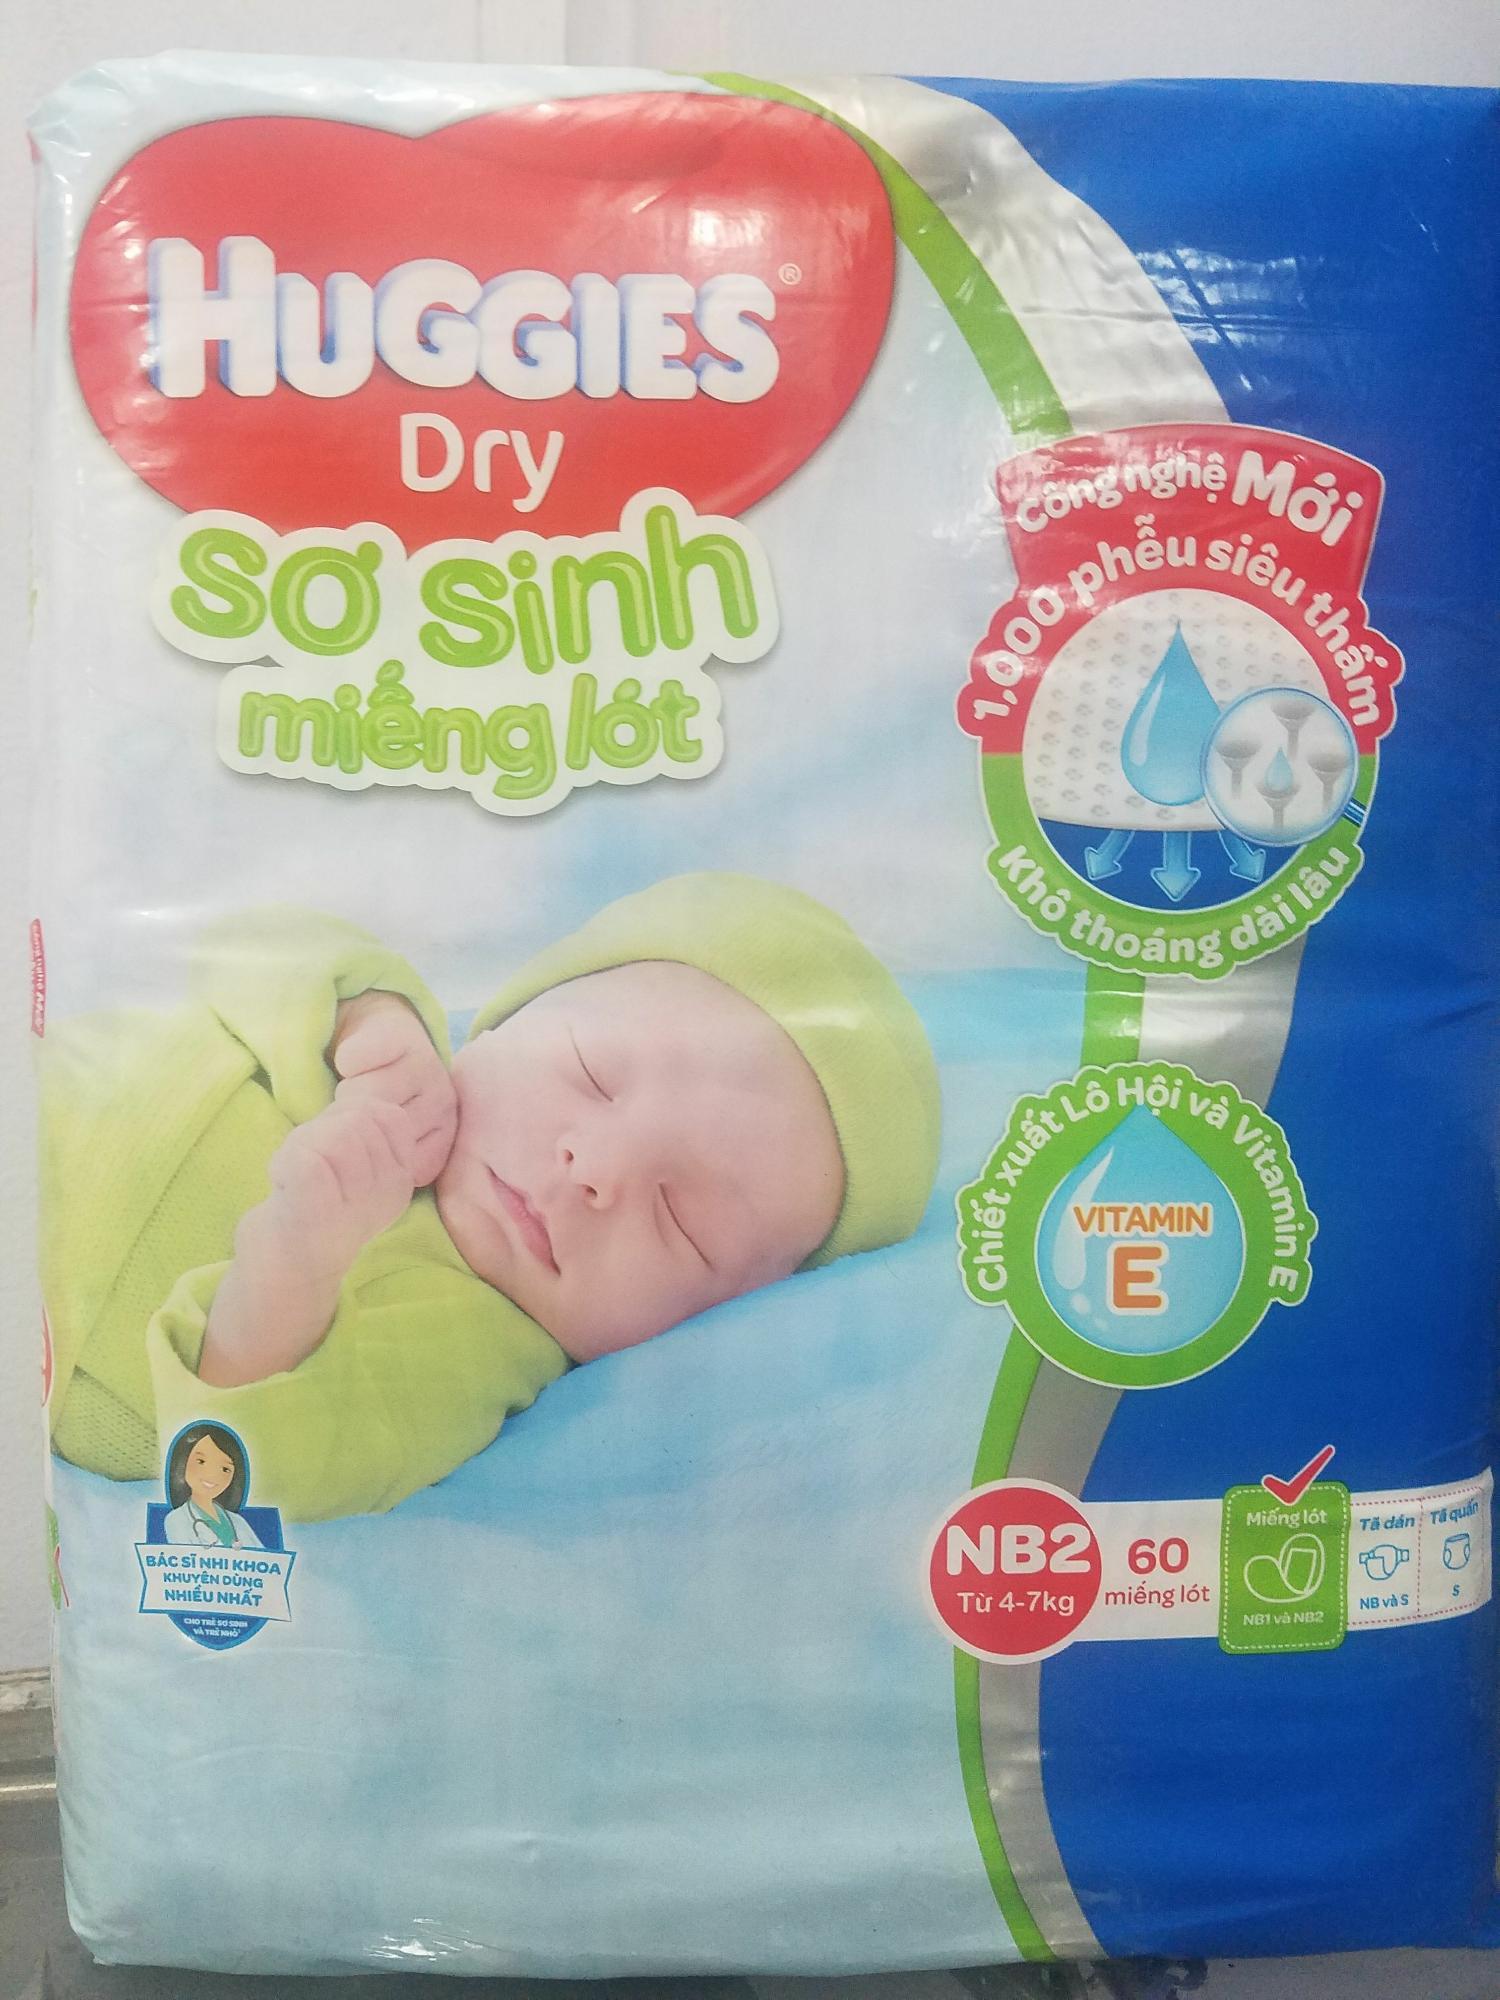 Miếng lót sơ sinh huggies nb2-60 miếng